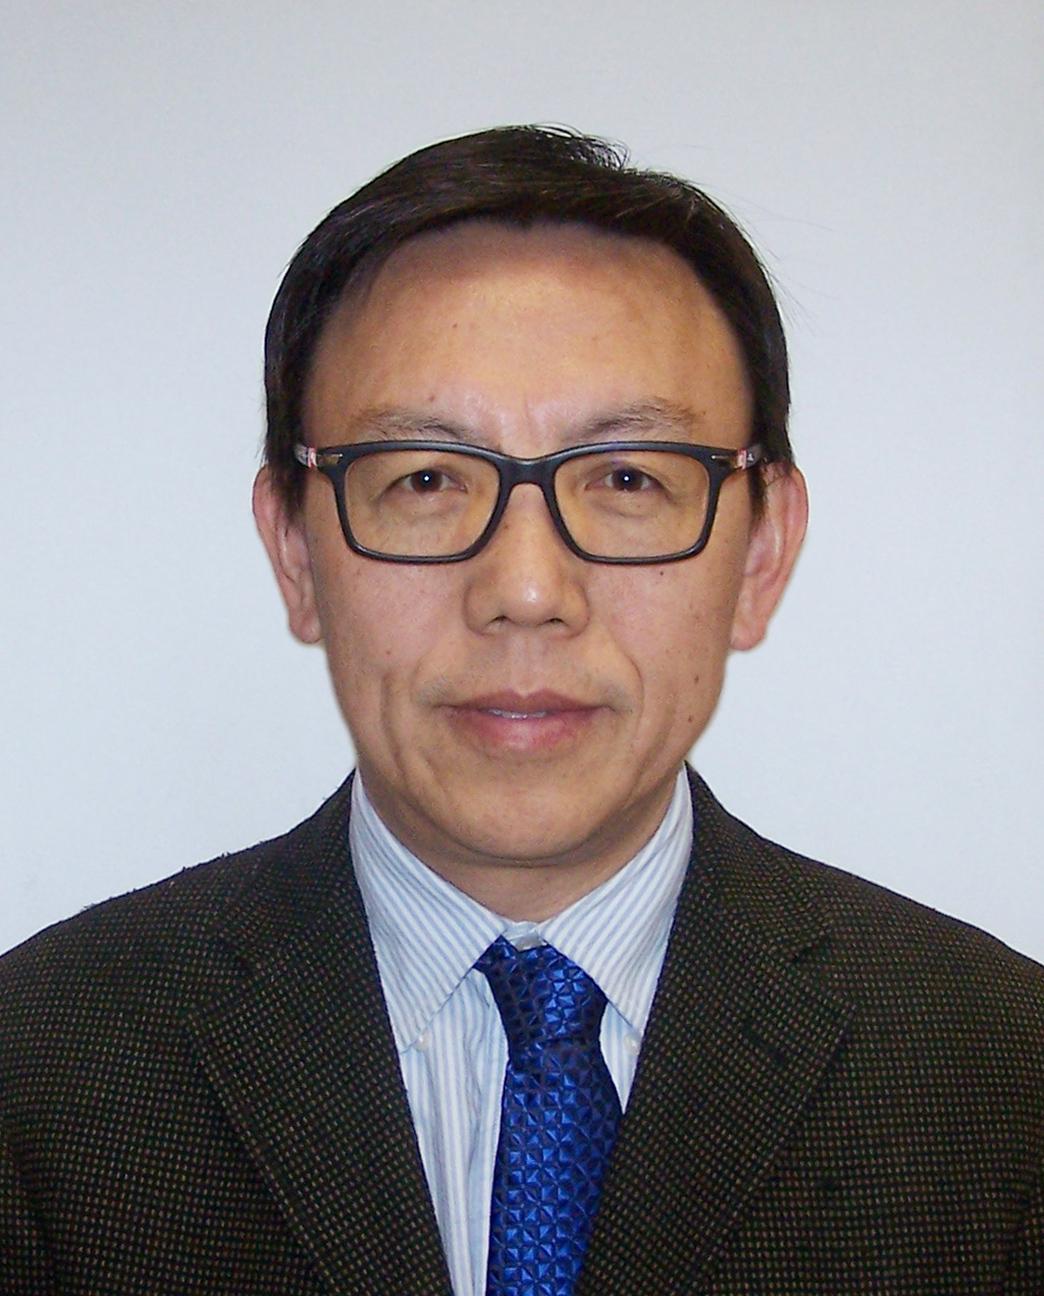 Image of Xuezhong He